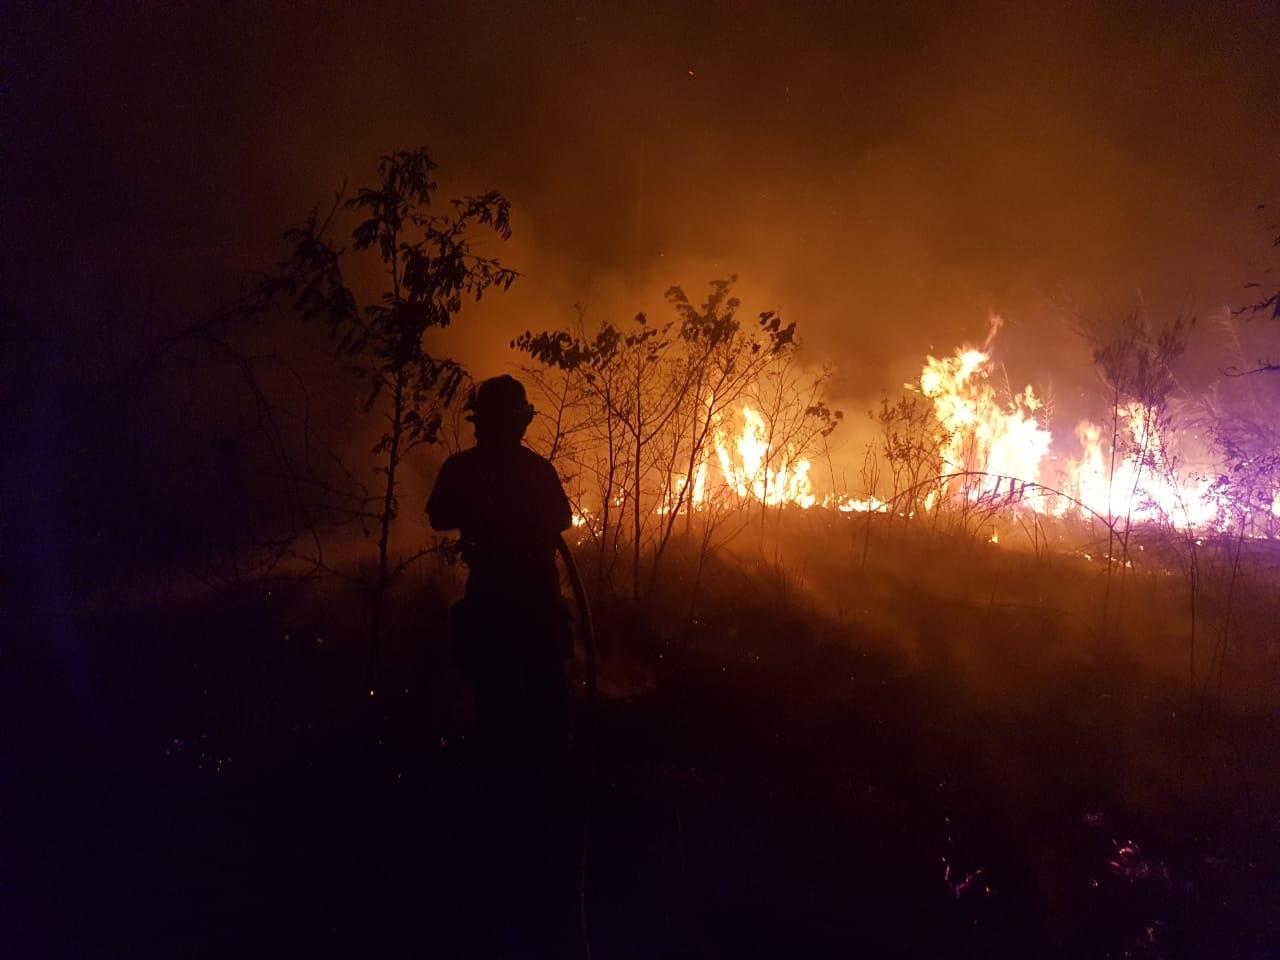 incendio de pastizal